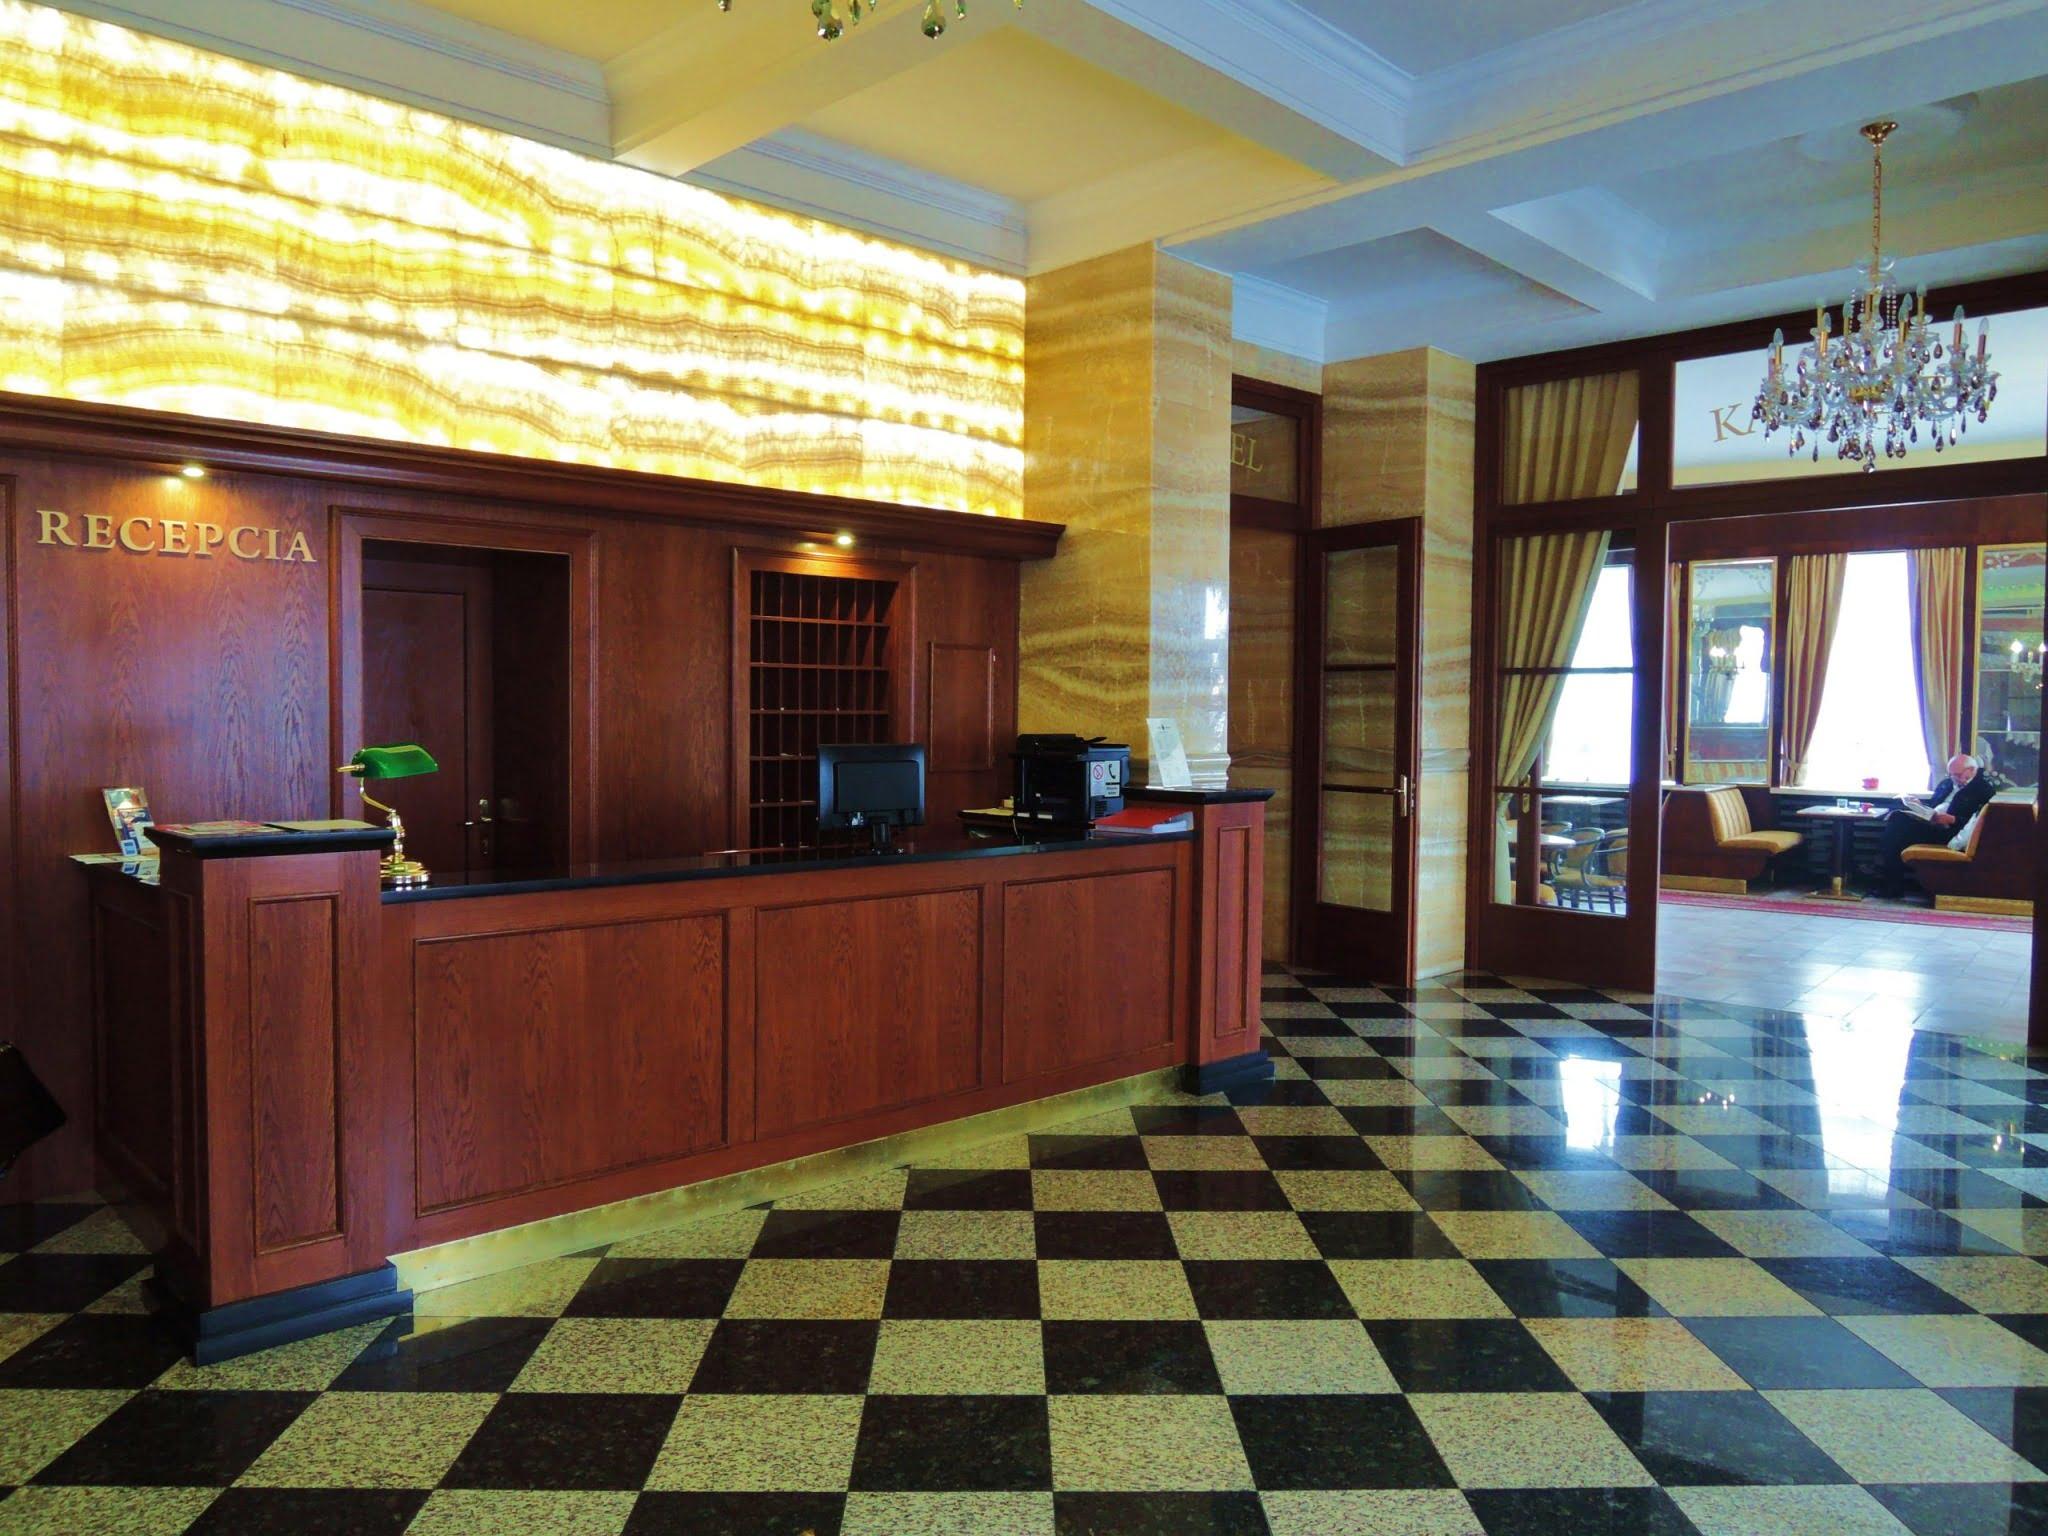 recepcia hotel Európa